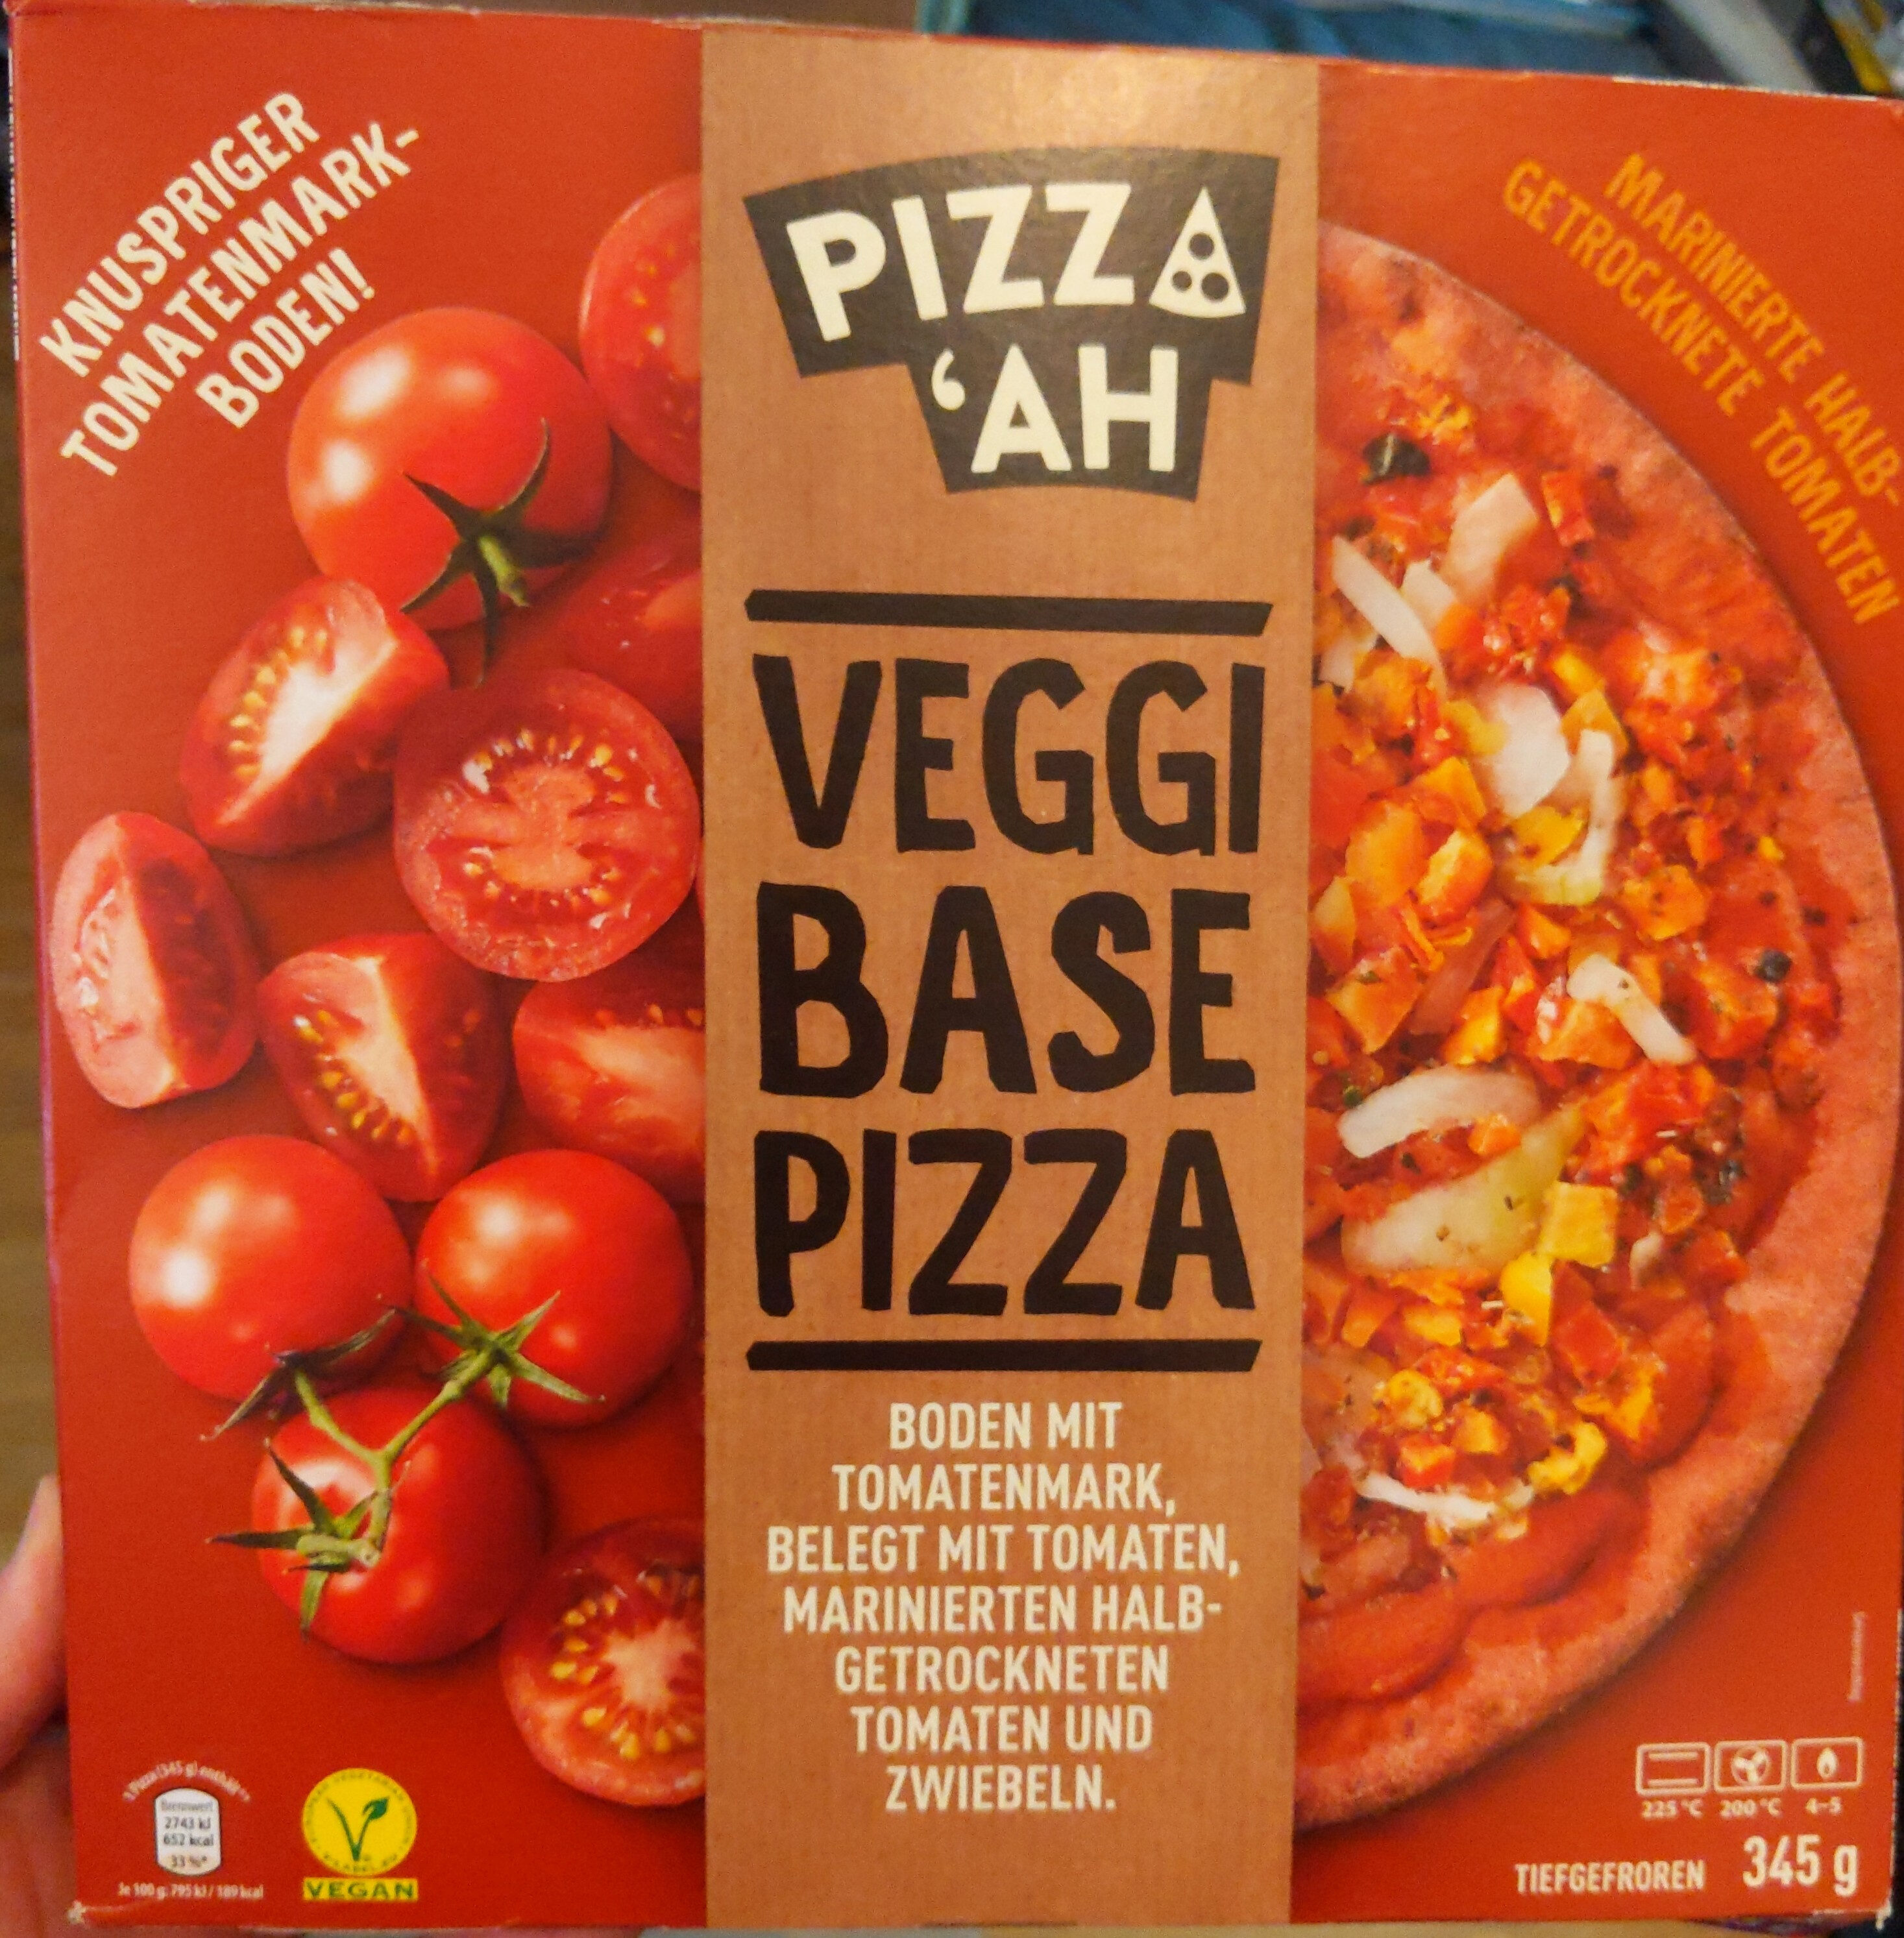 Veggi Base Pizza Tomate - Produit - de